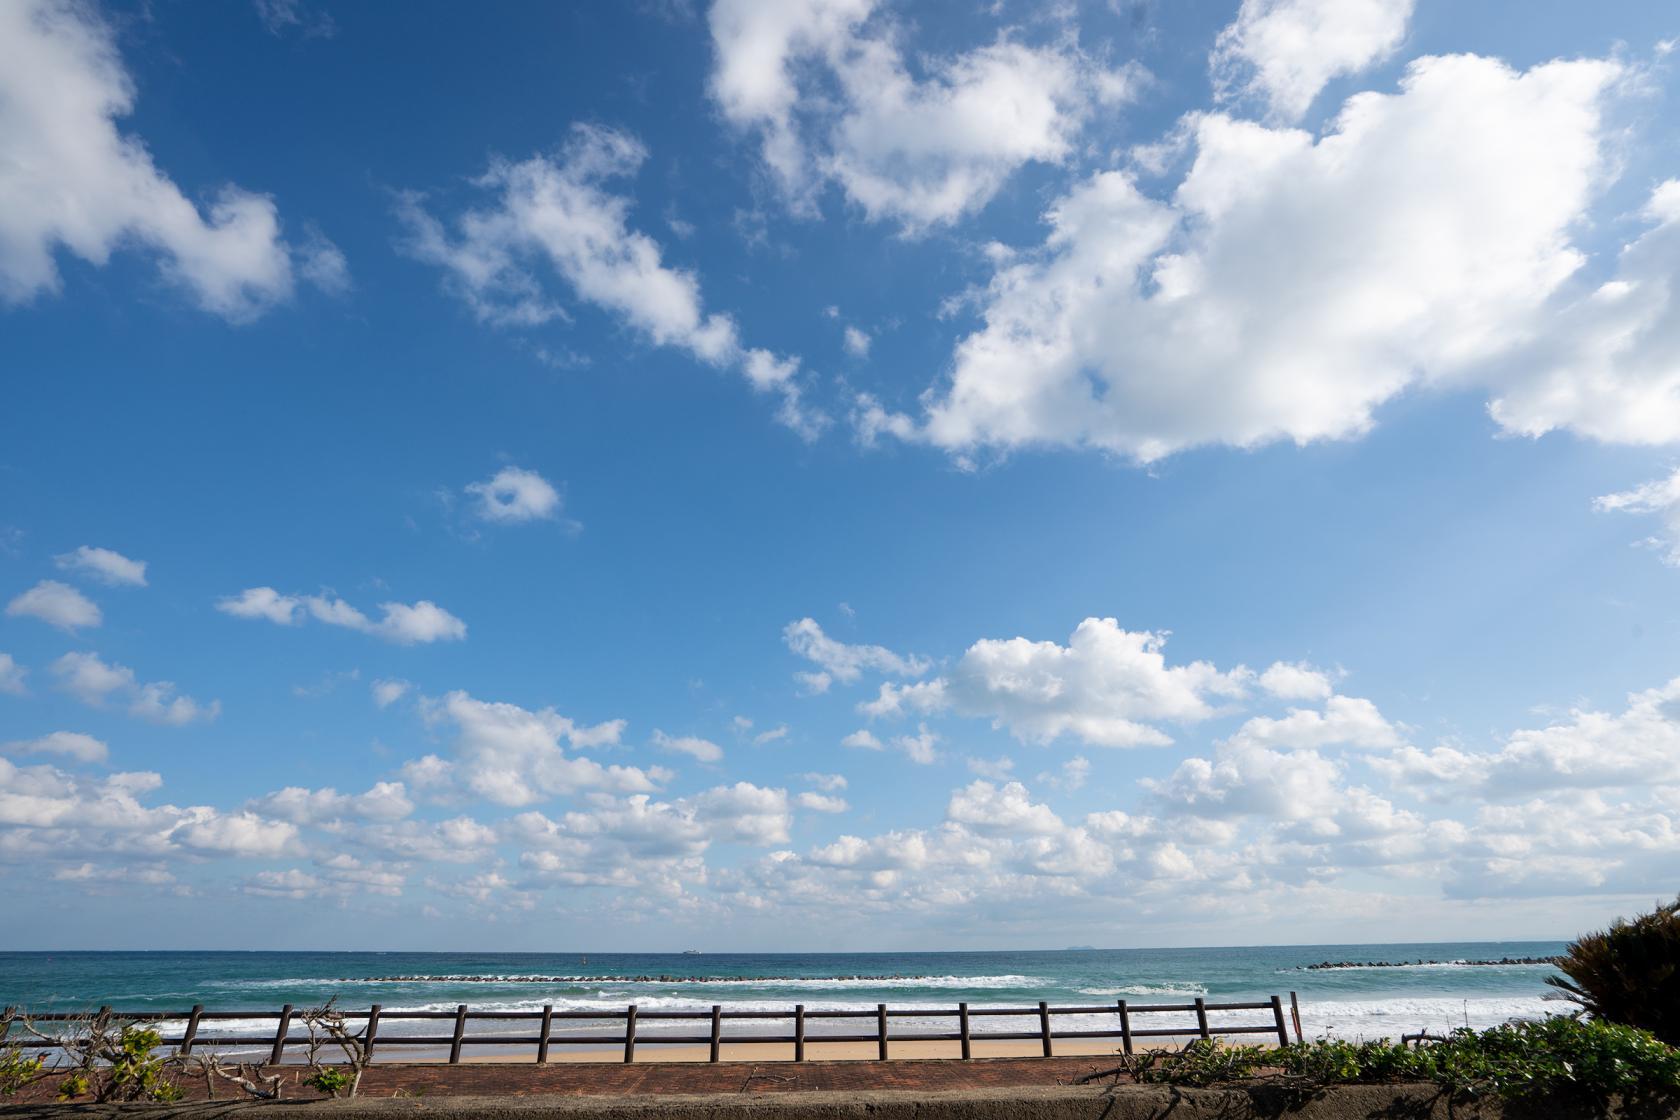 壱岐ちゃりだからこそ見てほしい! 海岸線とパワースポット(芦辺港周辺)-0